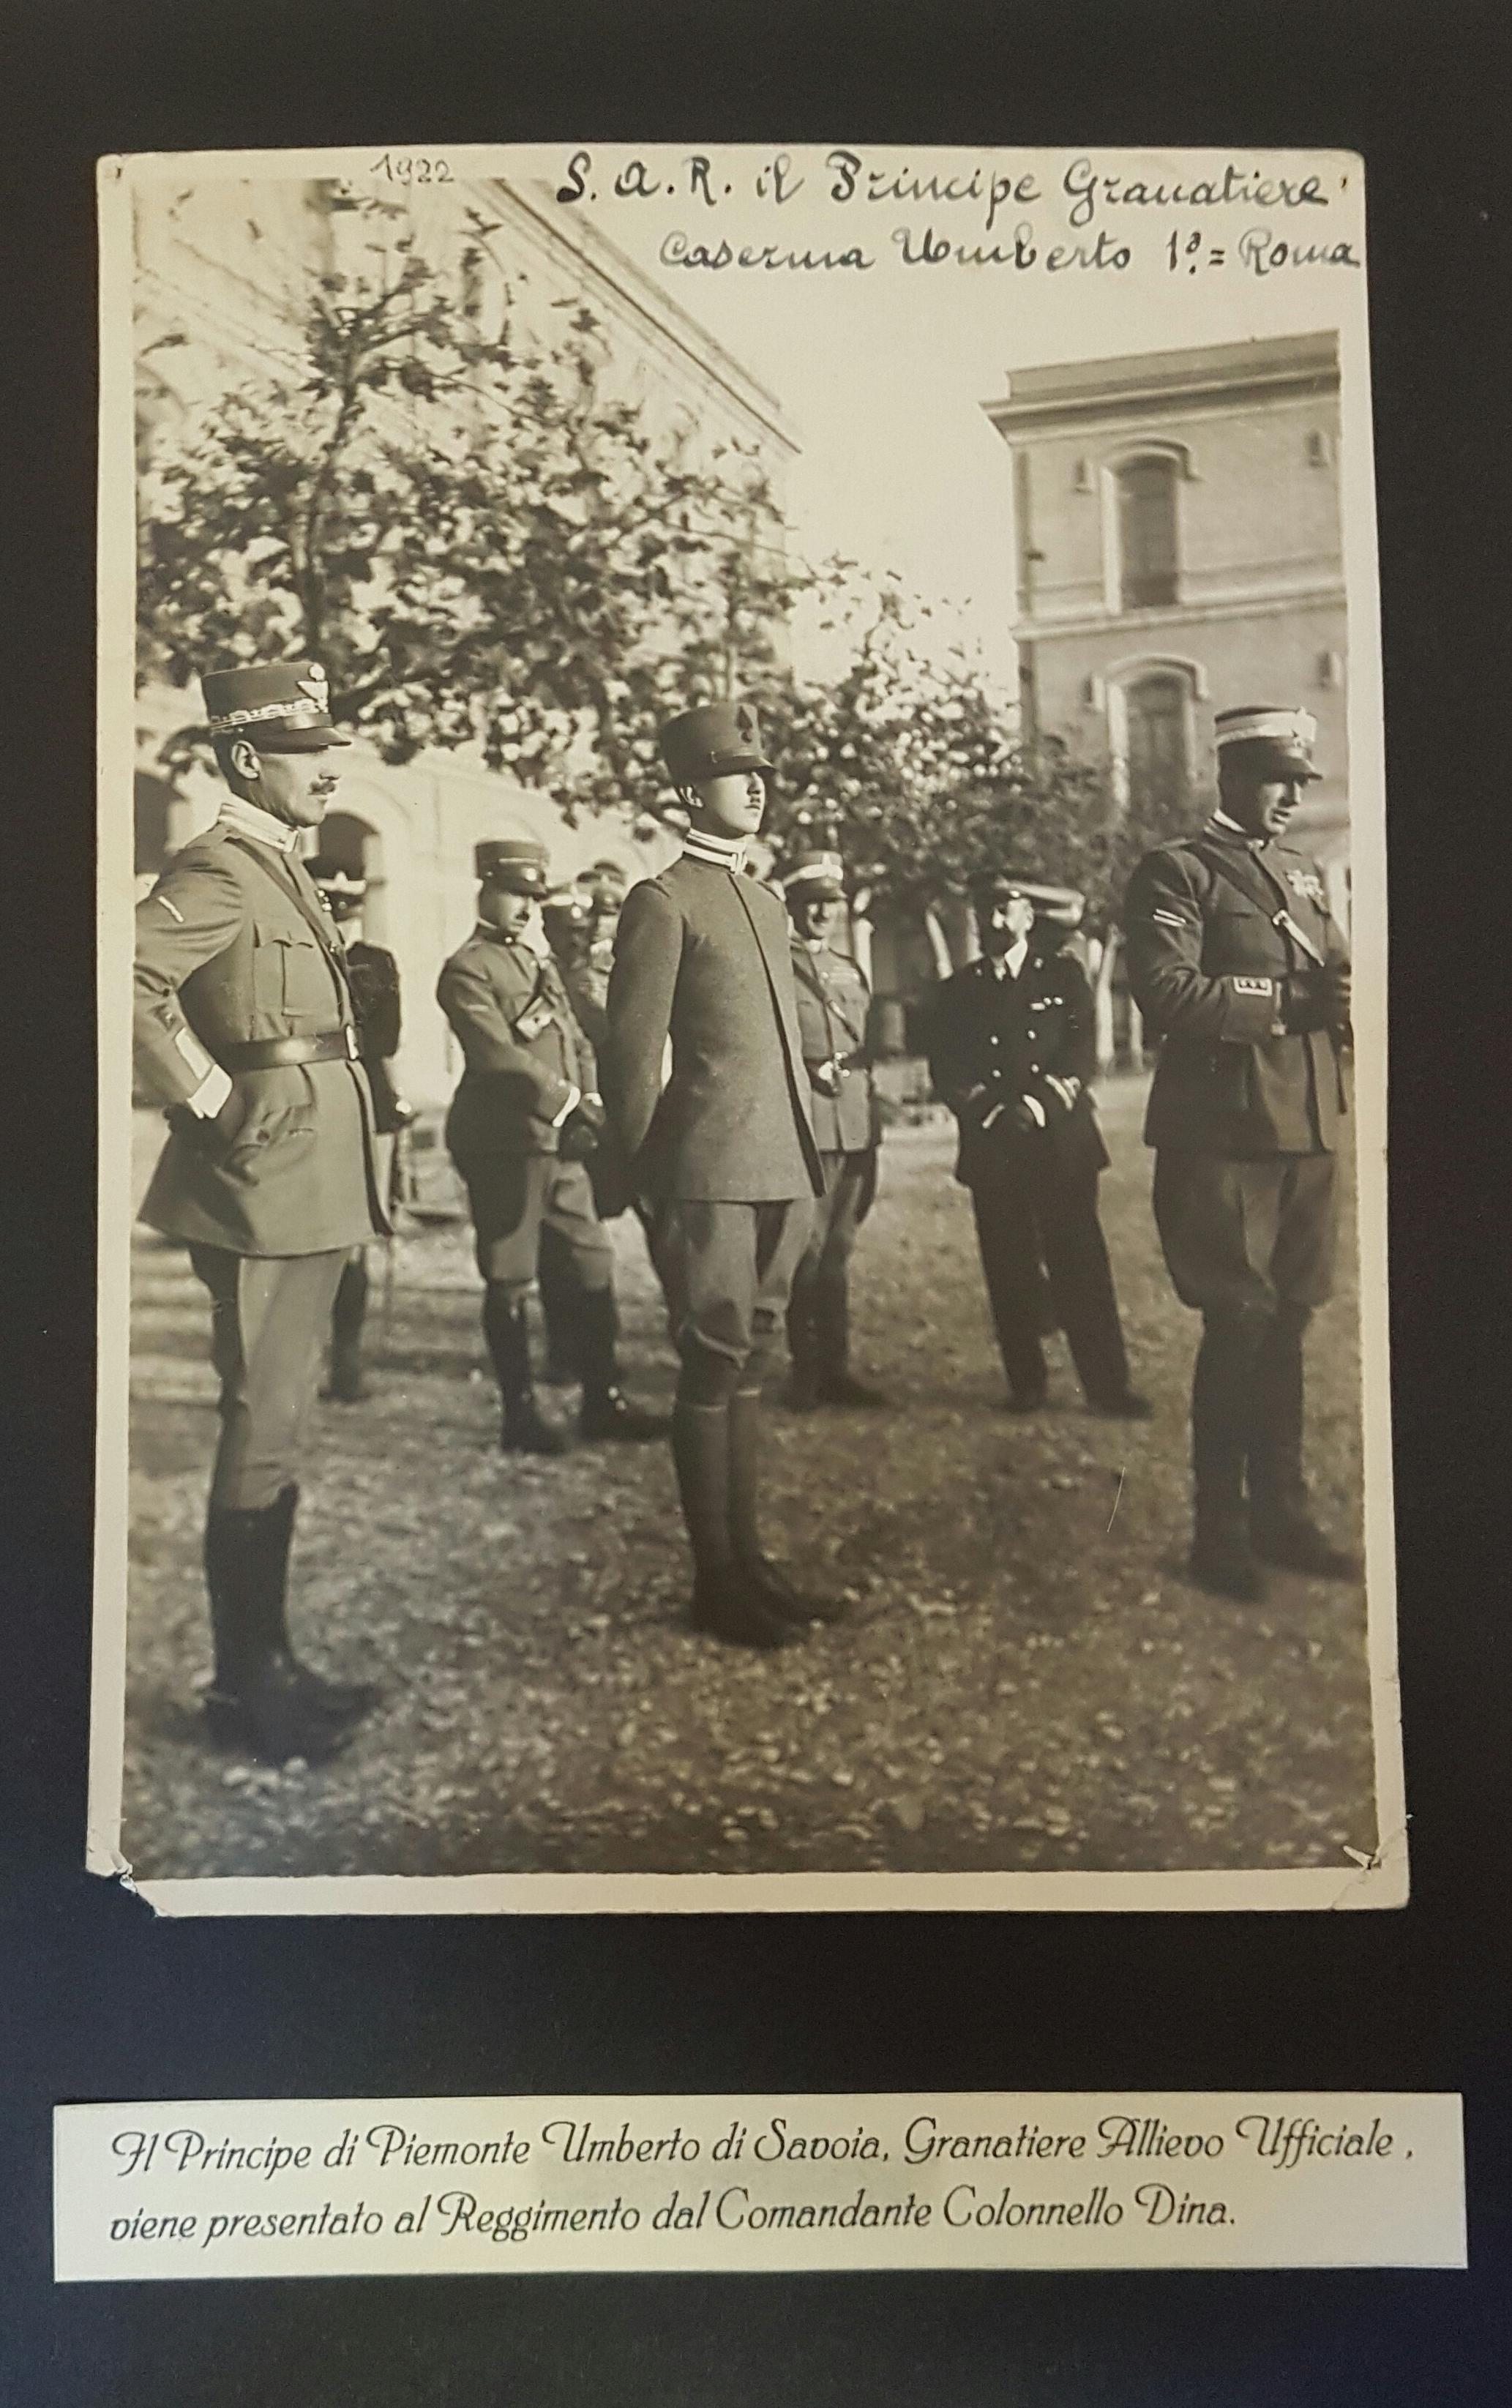 Il Principe di Piemonte Umberto di Savoia, allievo ufficiale, viene presentato al reggimento